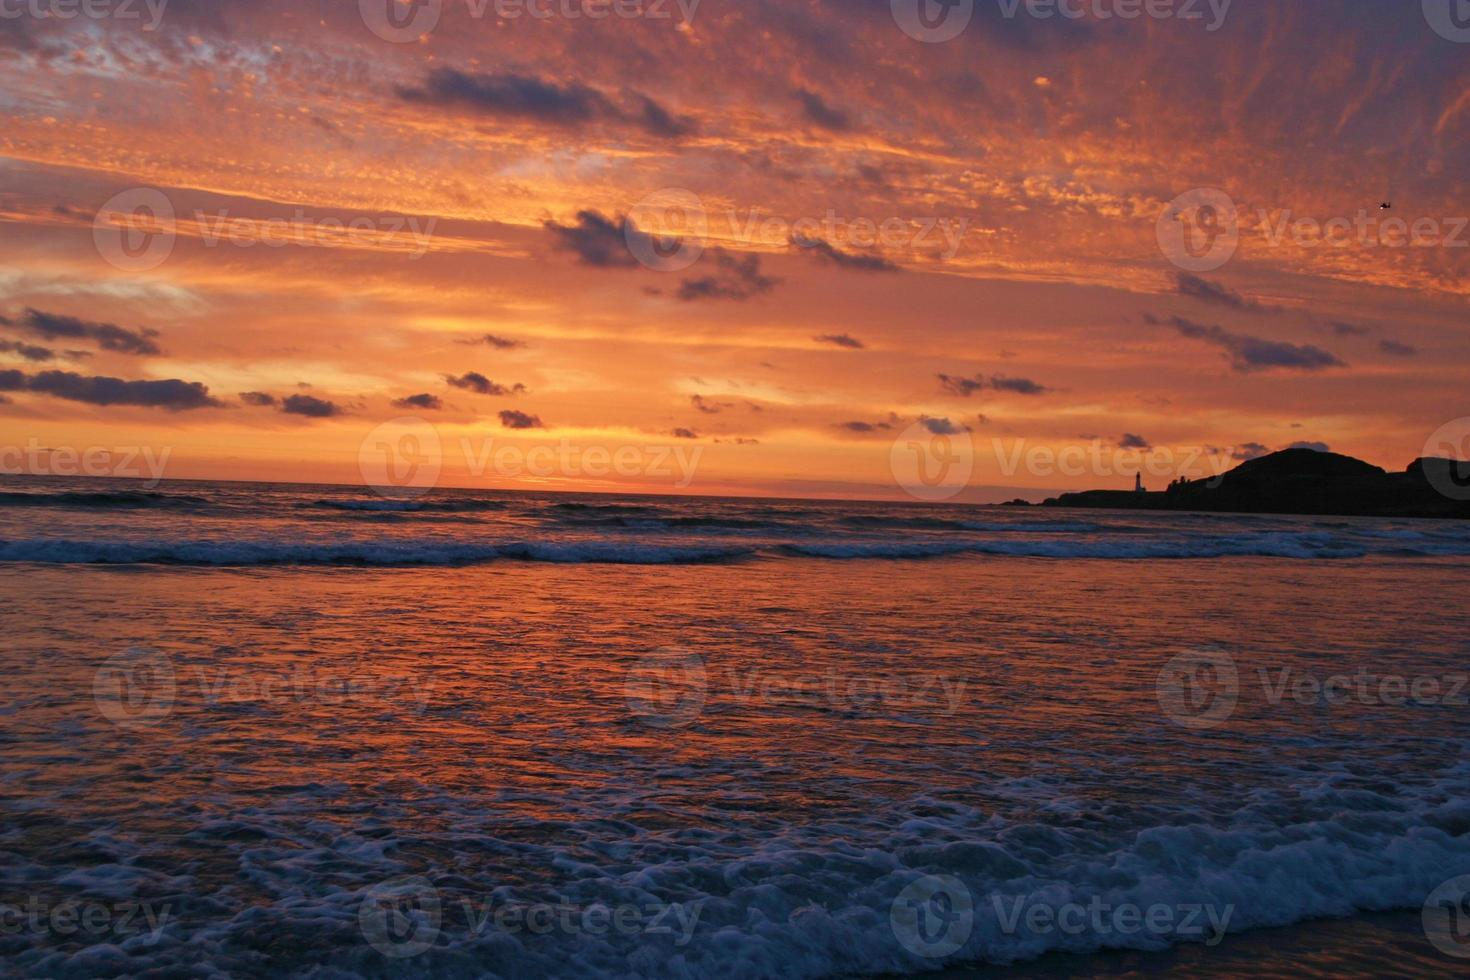 härlig solnedgång över fyr och hav foto